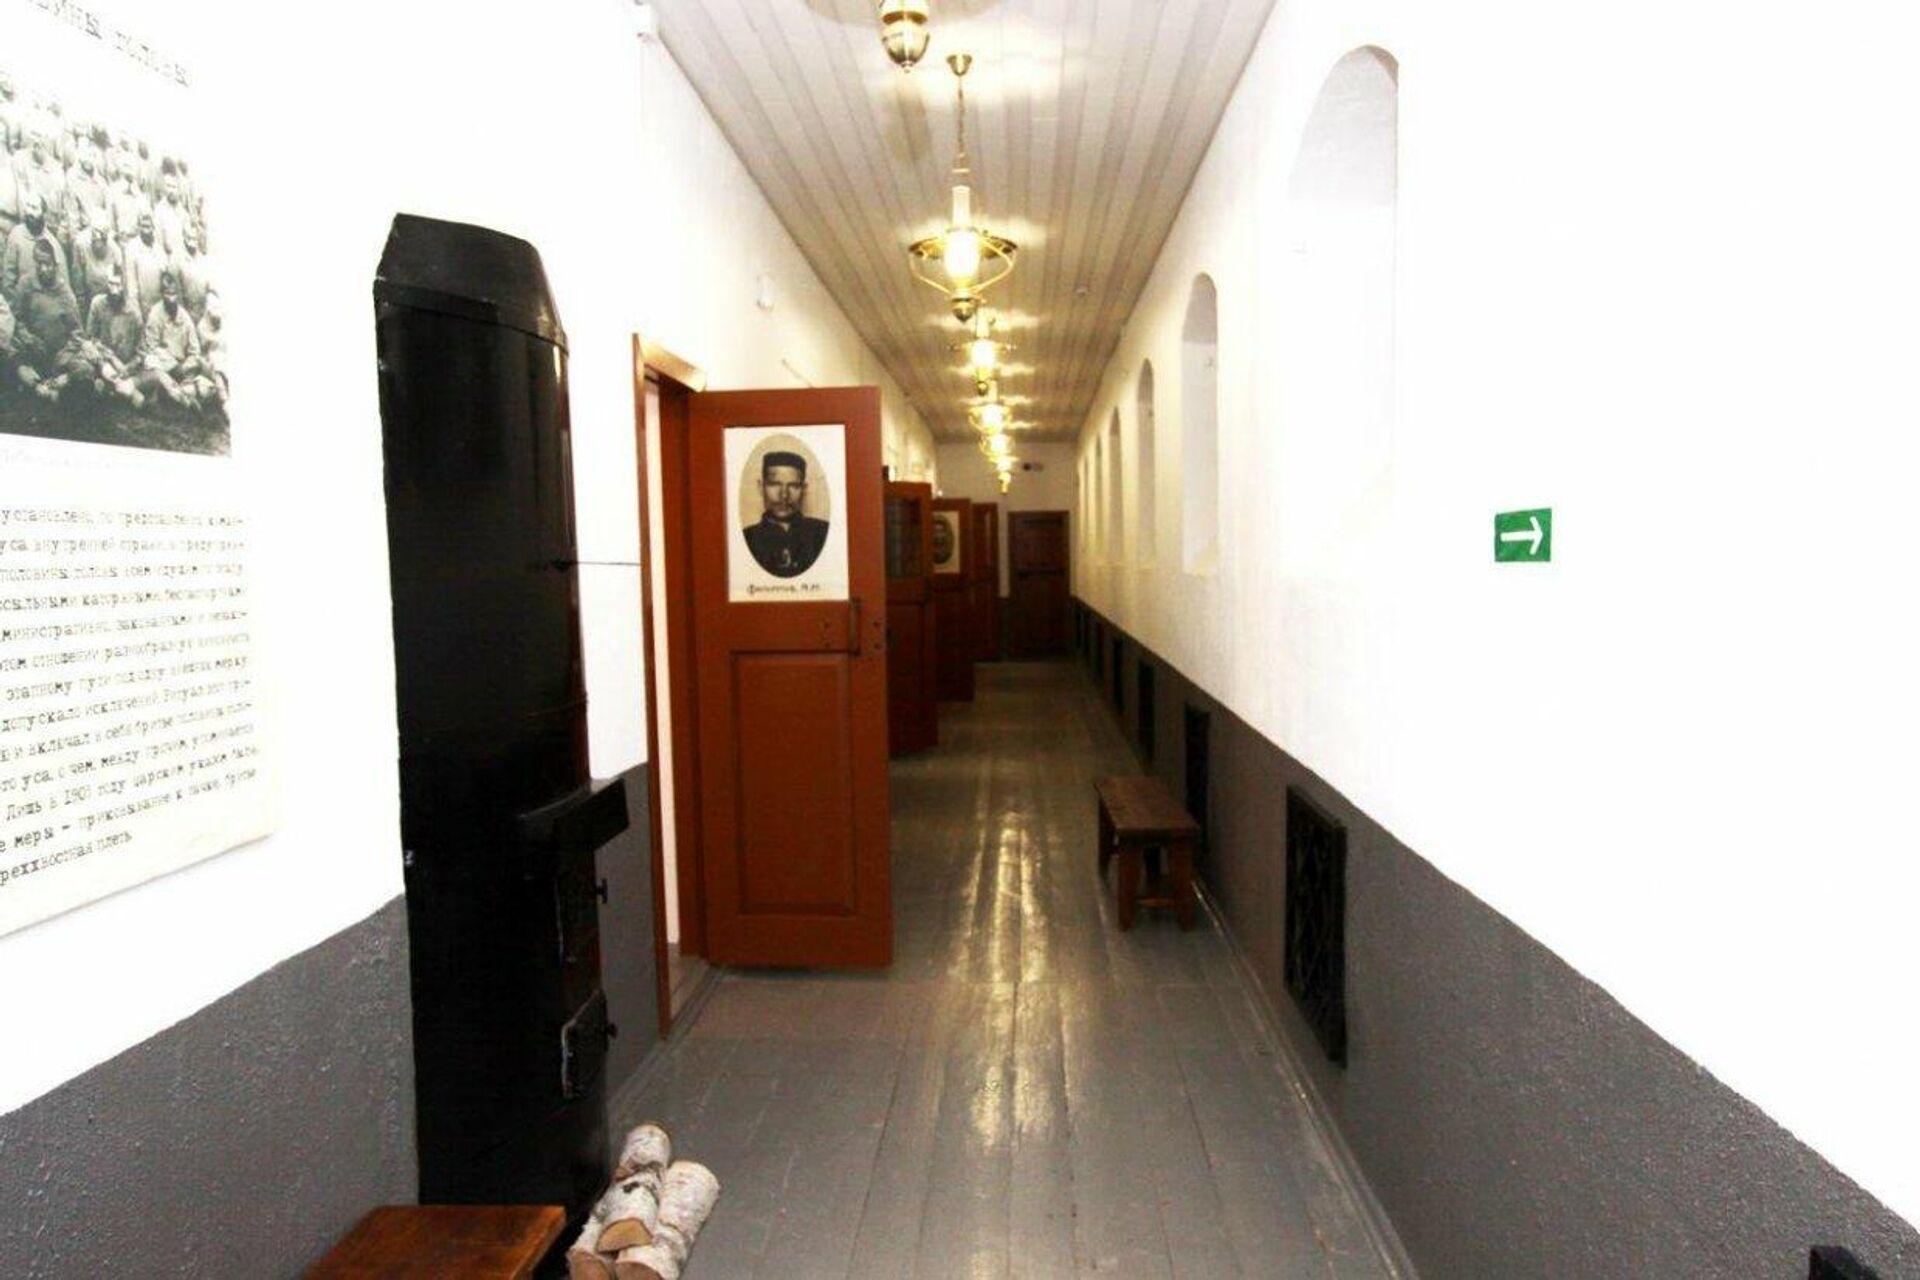 Хостел Узник в Тюремном замке - РИА Новости, 1920, 16.12.2020